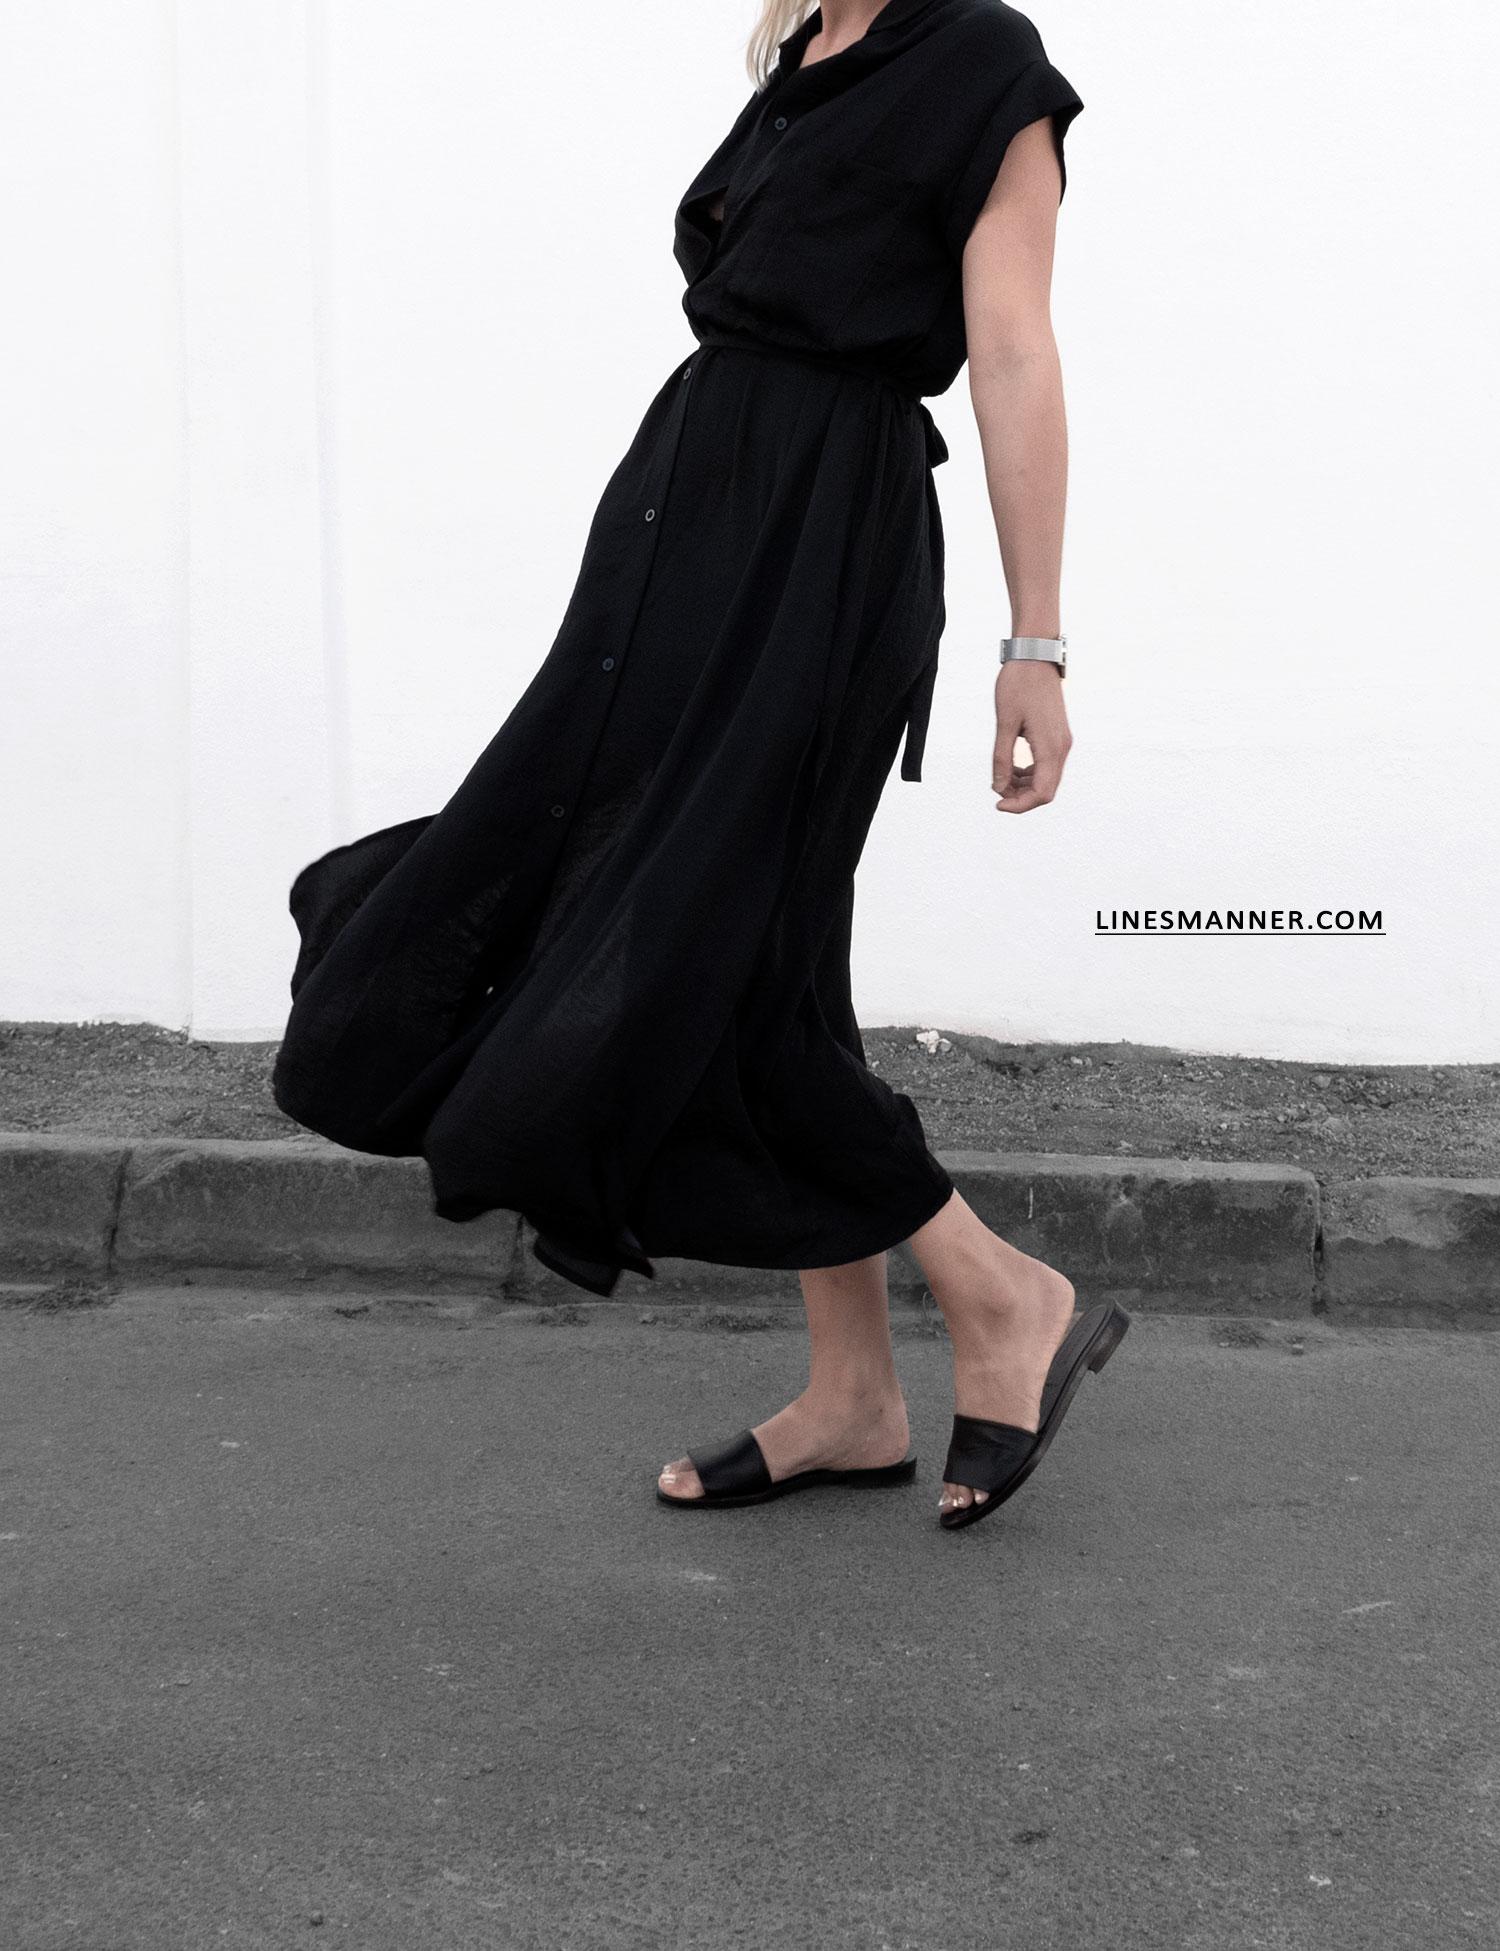 Lines-Manner-All_Black_Everything_Black-MVN-Minimal-Details-Shirt-Dress-Mules-Statement_Piece-Essentials-Throw_On_Piece-10